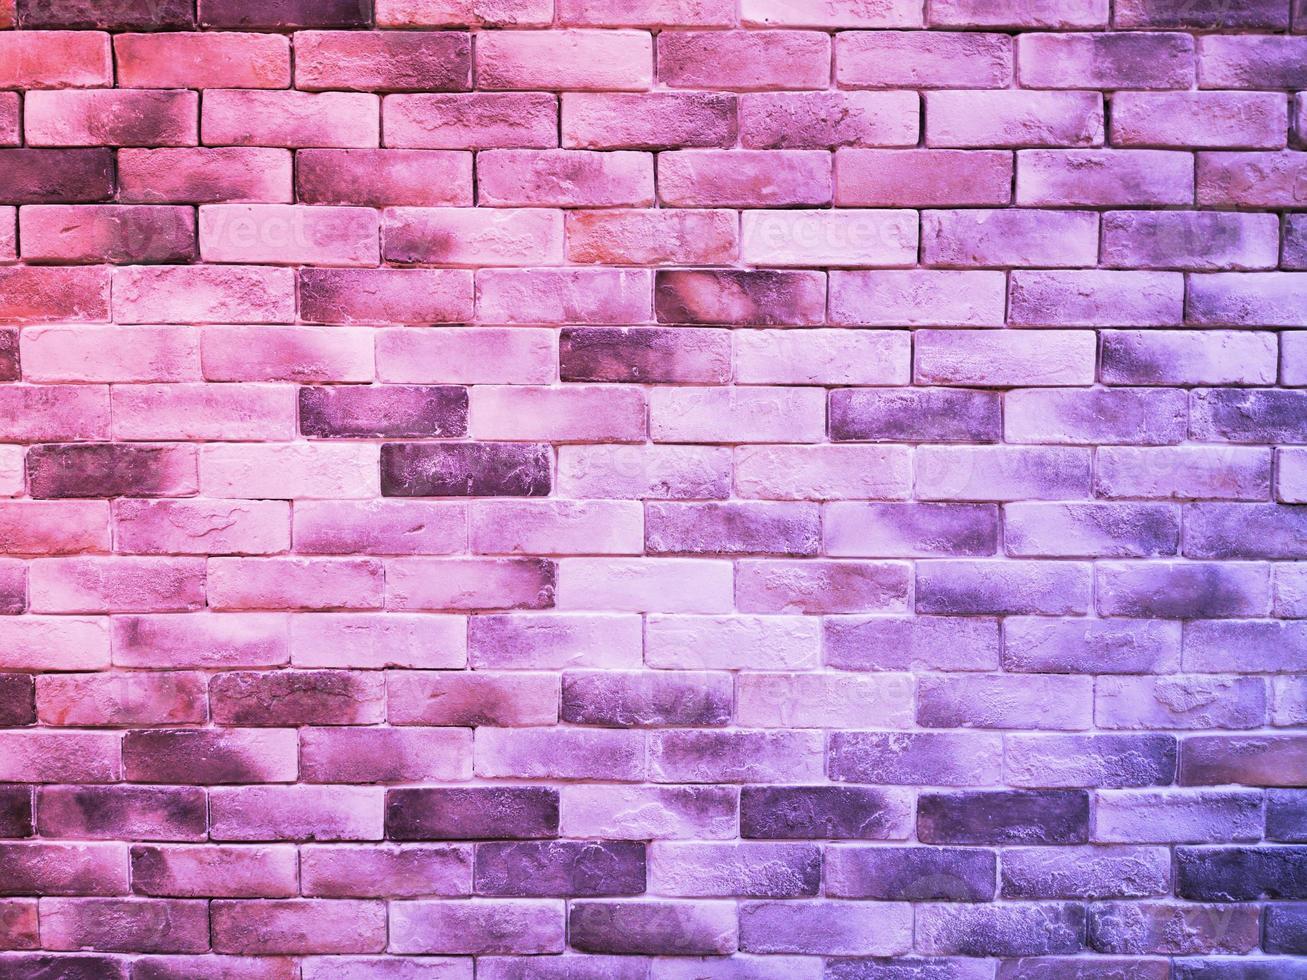 färgglad tegelvägg för bakgrund eller konsistens foto